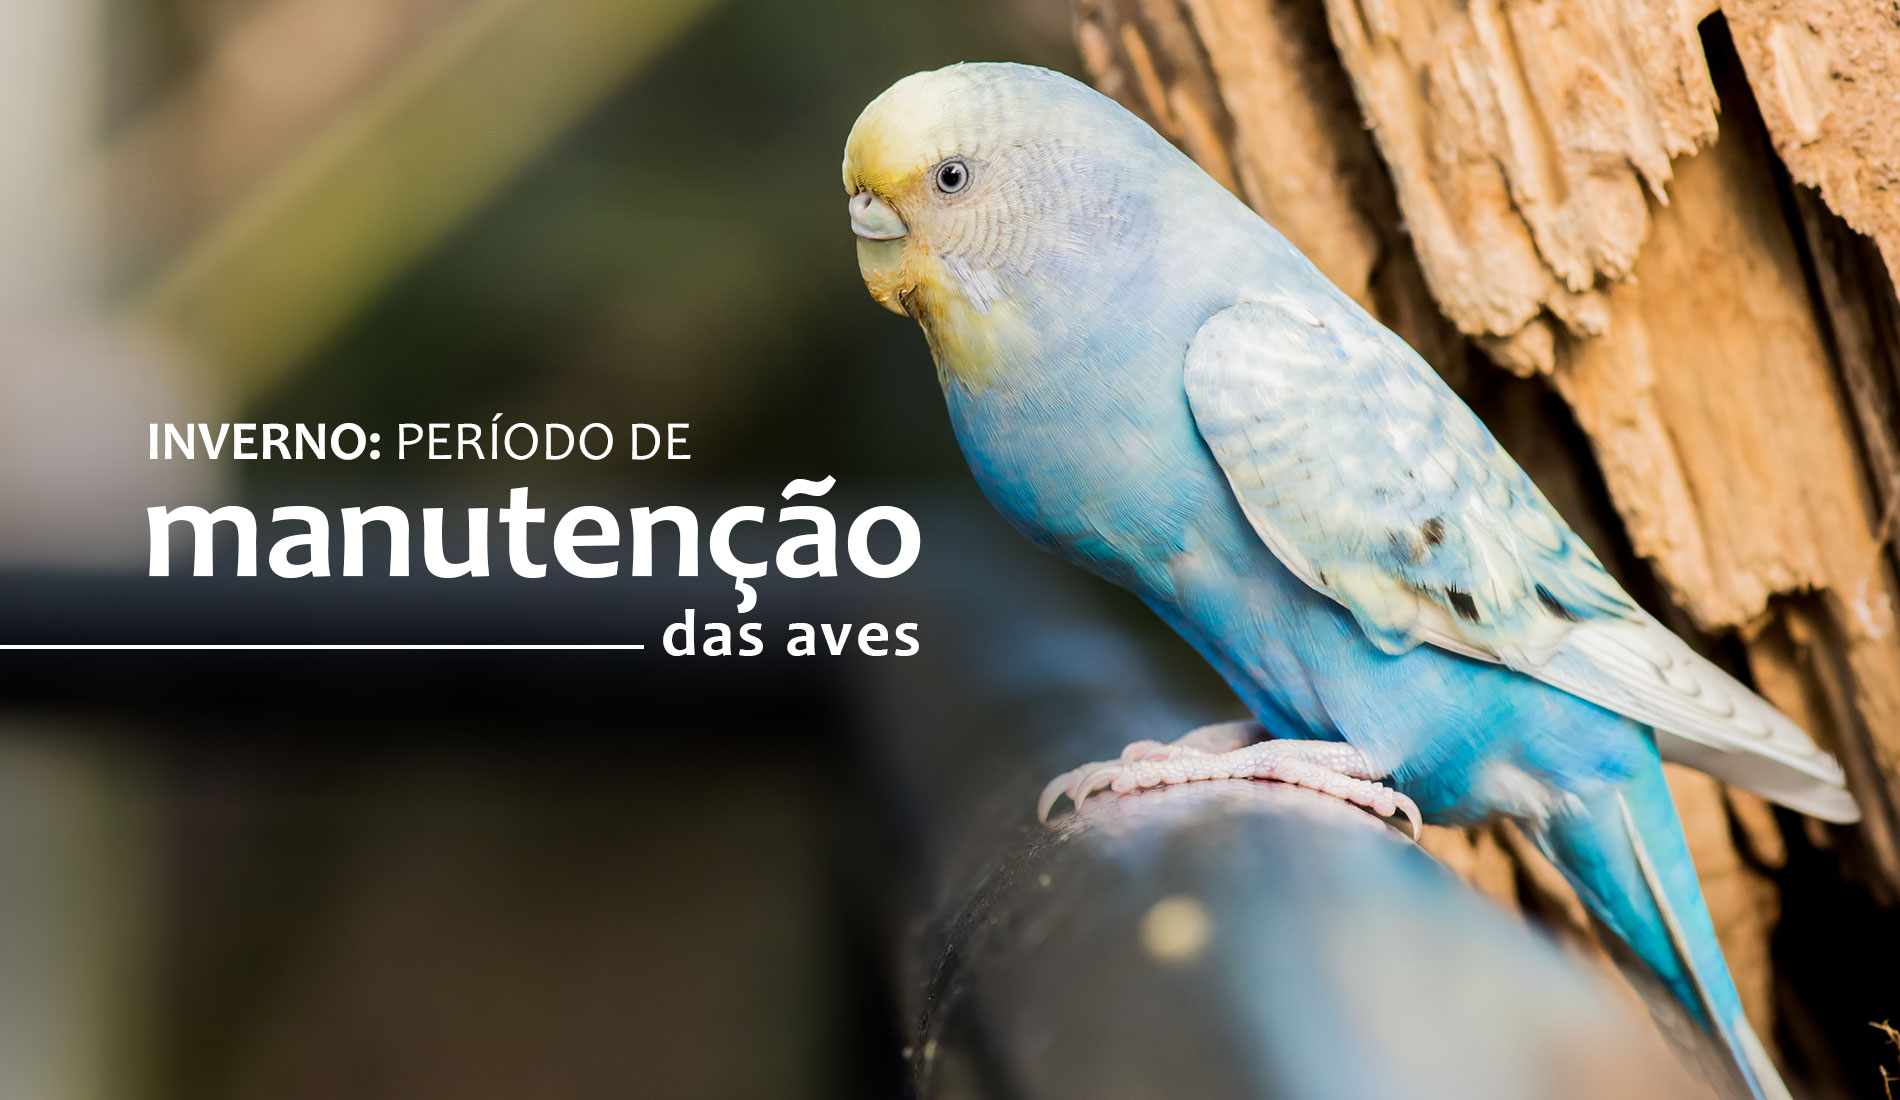 INVERNO: Período de manutenção das aves